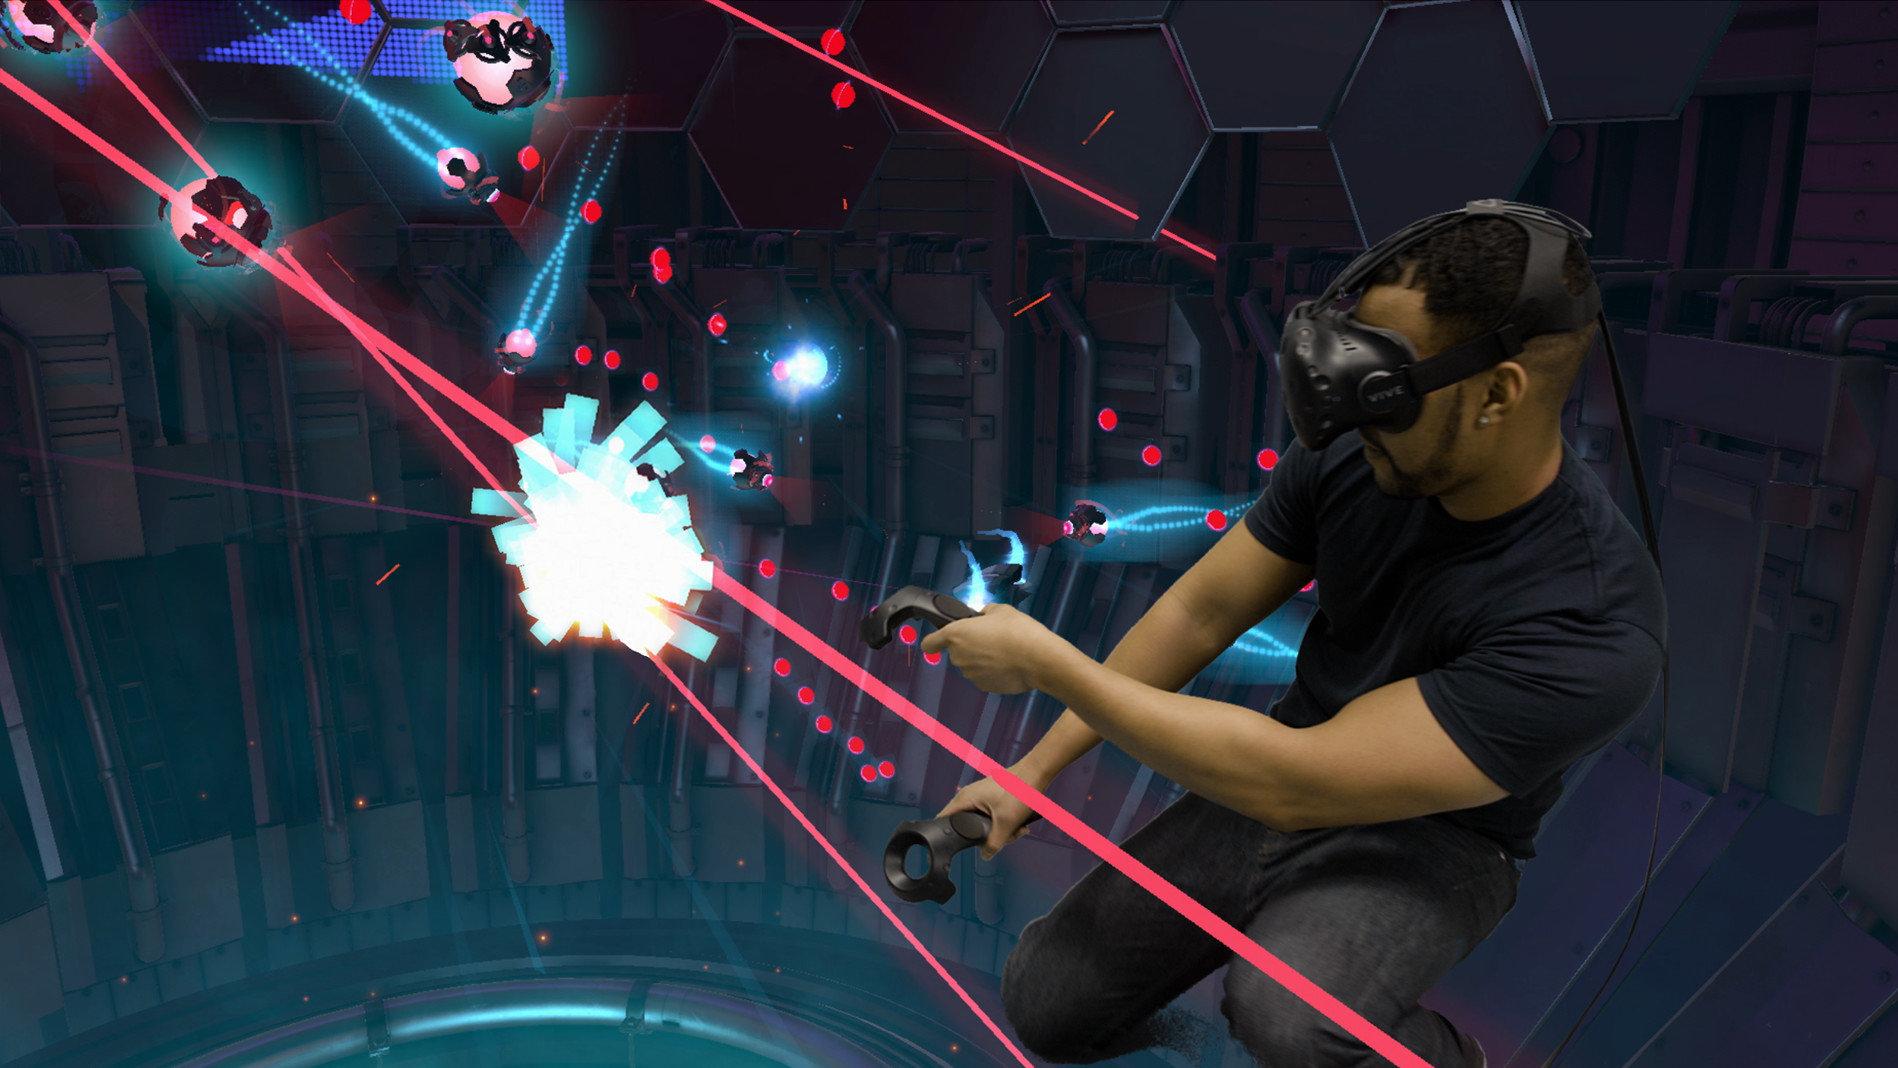 Xortex bringt Arcade-Geballer in die virtuelle Realität